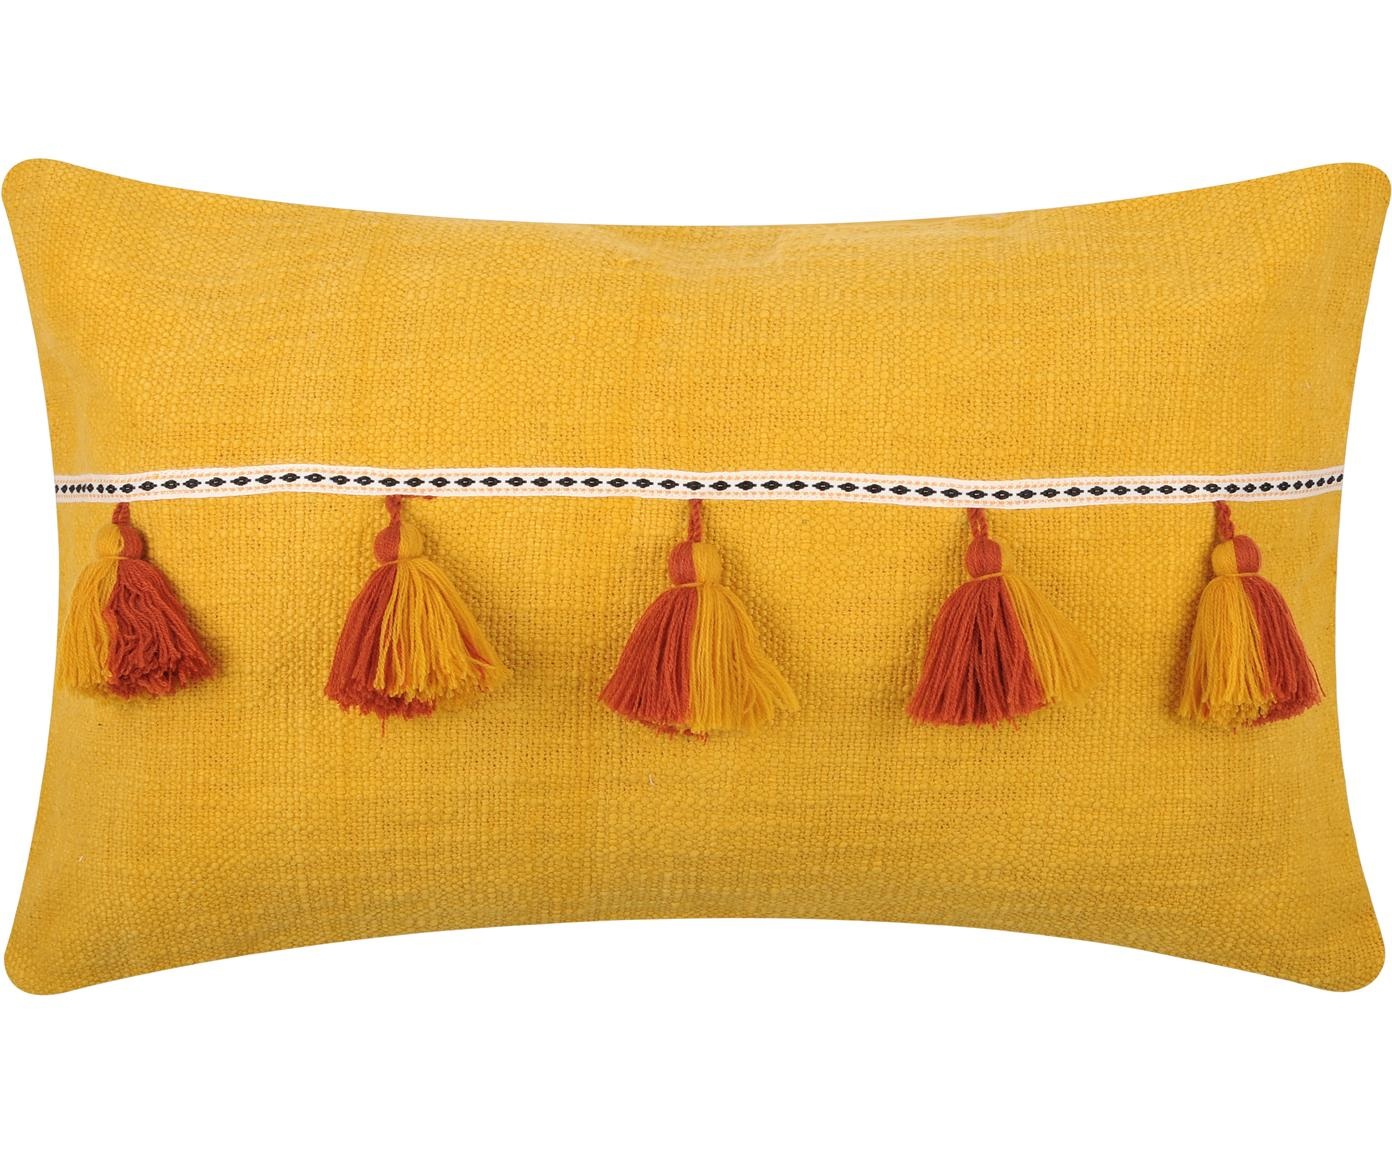 Kissen Majorque in Gelb mit Quasten, mit Inlett, 100% Baumwolle, Gelb, Rot, 35 x 55 cm